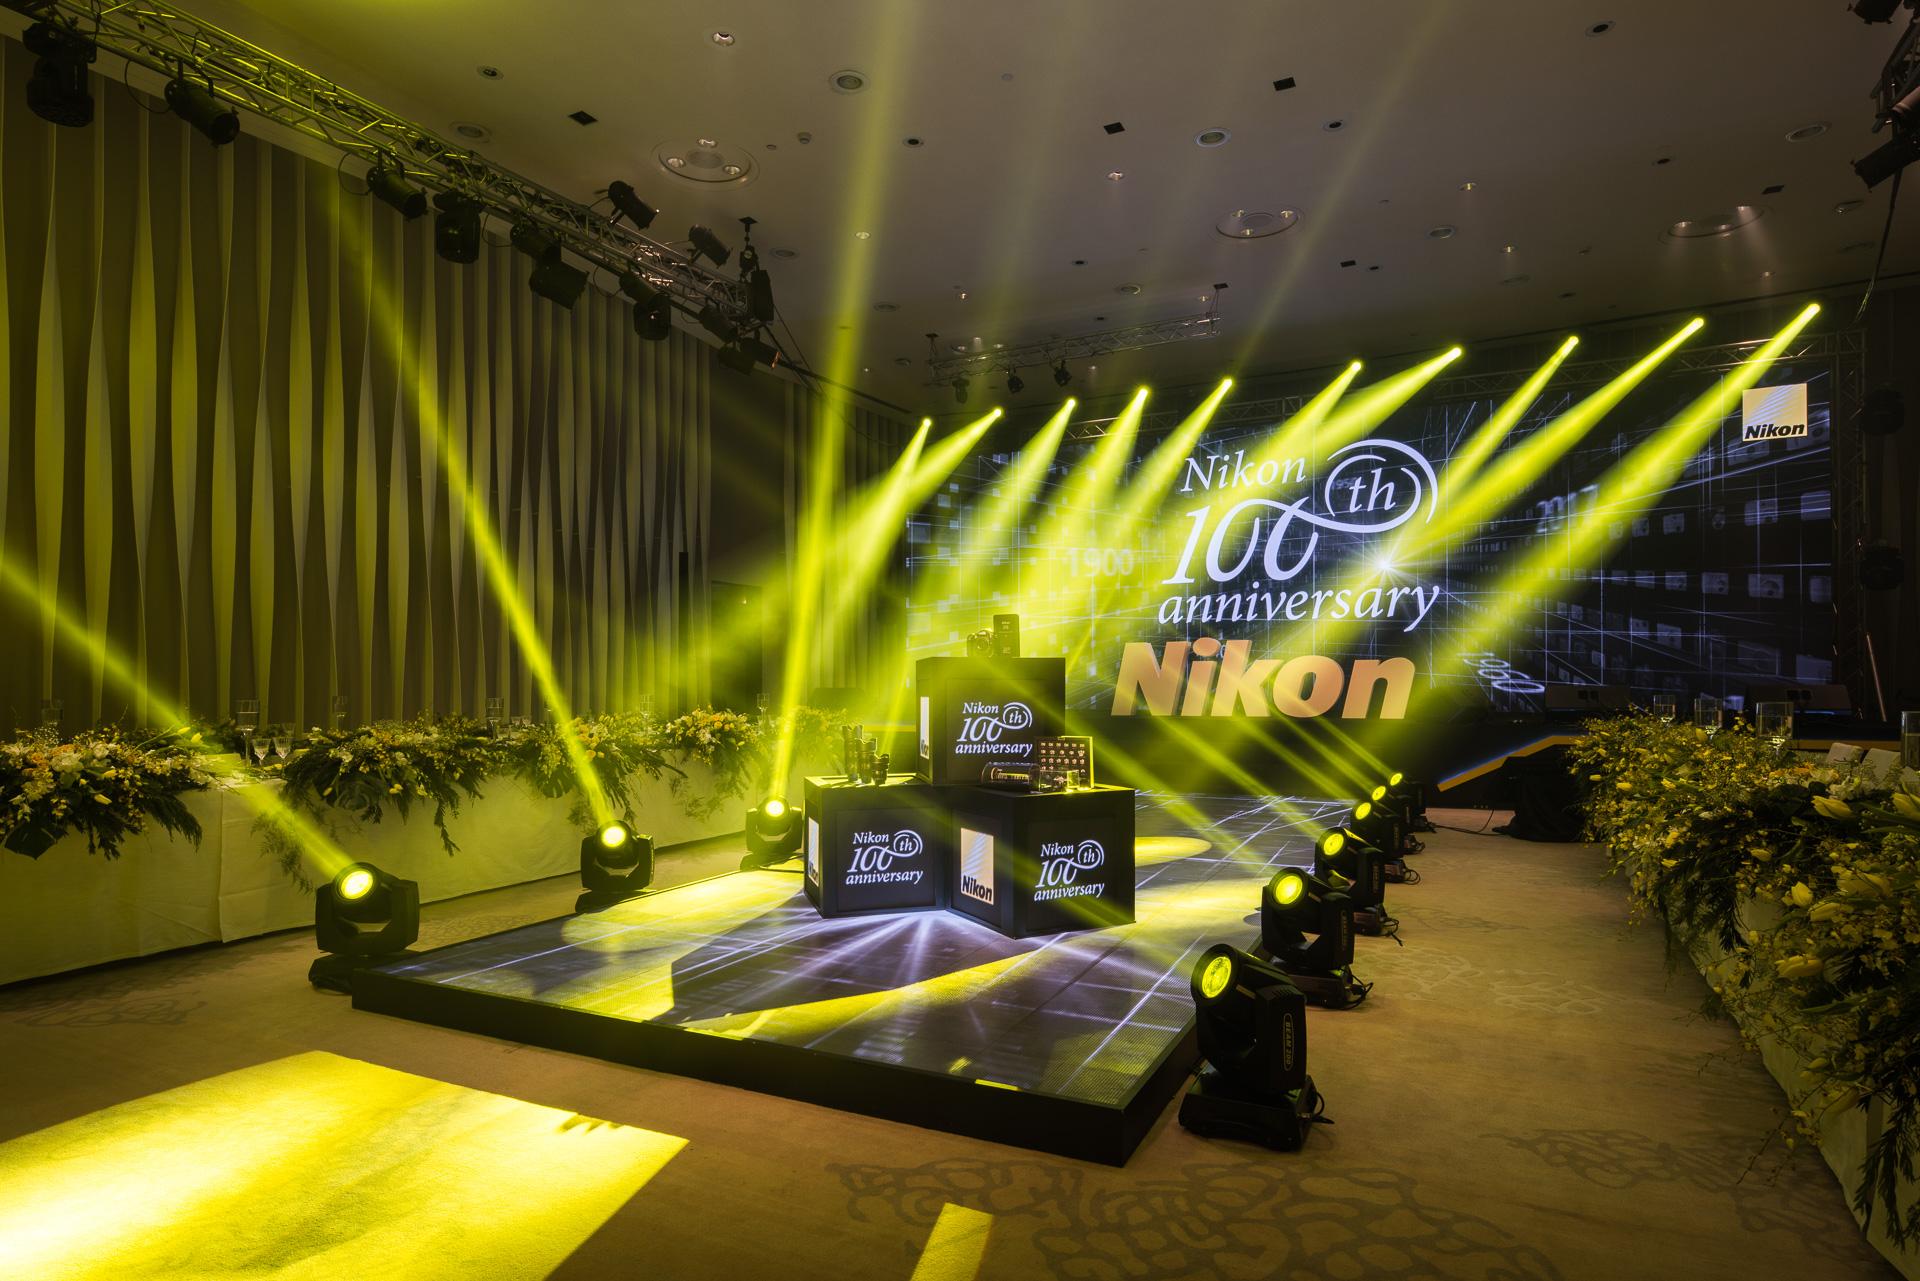 Nikon 100th Anniversary Cerebration (TH)